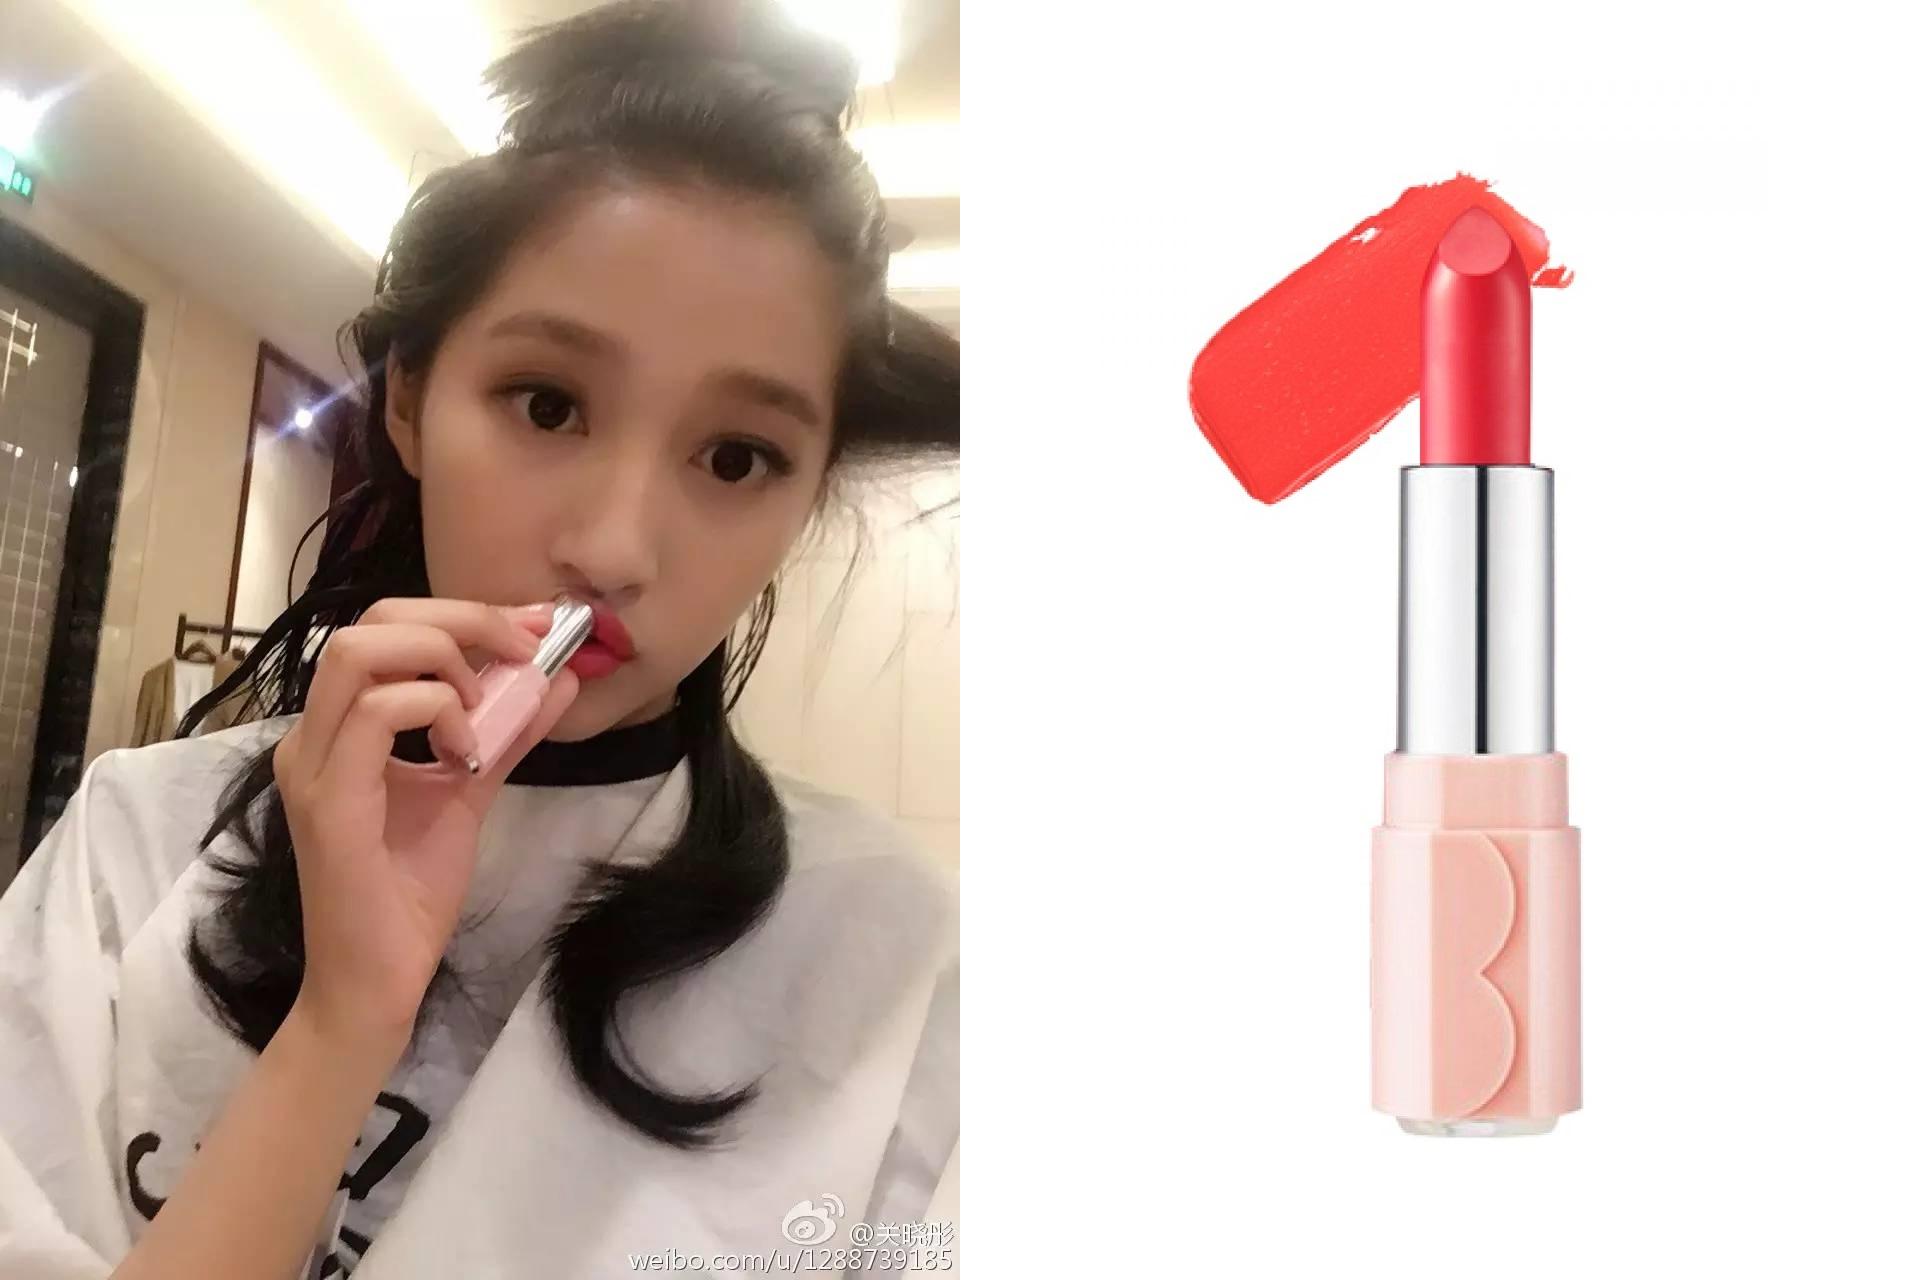 Săm soi bạn gái Luhan Quan Hiểu Đồng, hóa ra cô nàng toàn dùng đồ vài trăm nghìn mà da đẹp không tì vết - Ảnh 9.